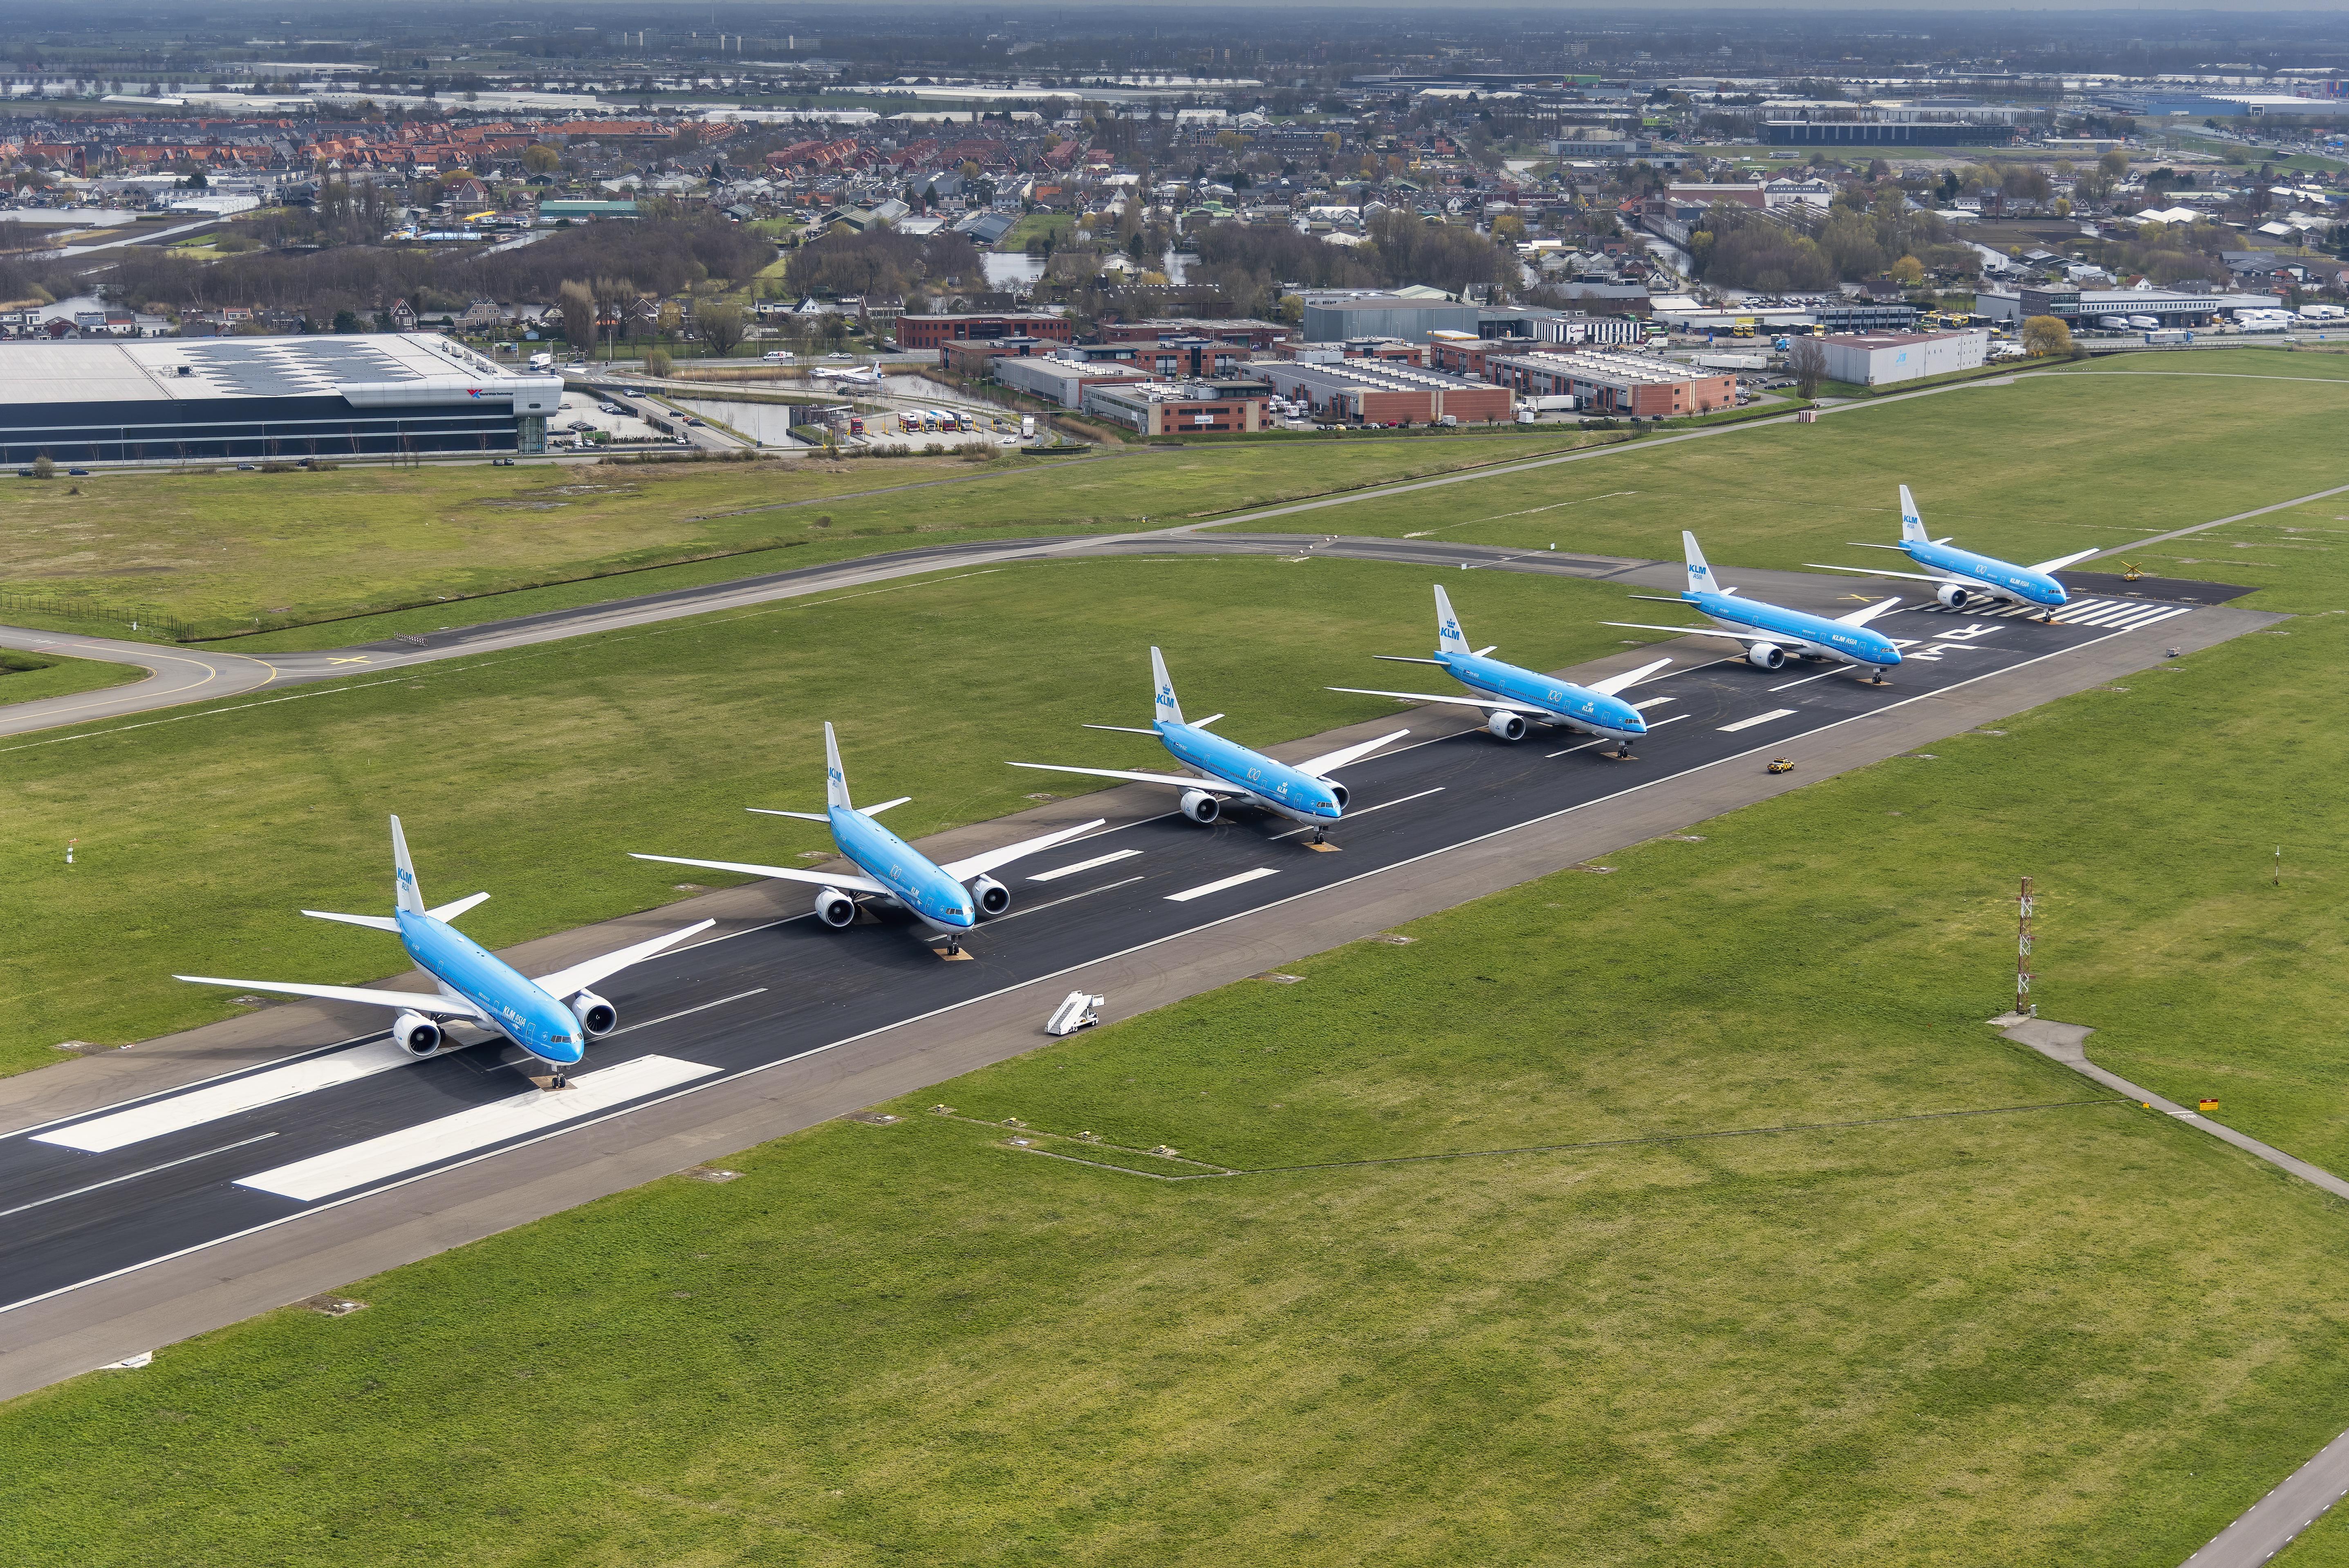 Oproep aan onze lezers: hoe bevalt het u zonder vliegtuiglawaai?